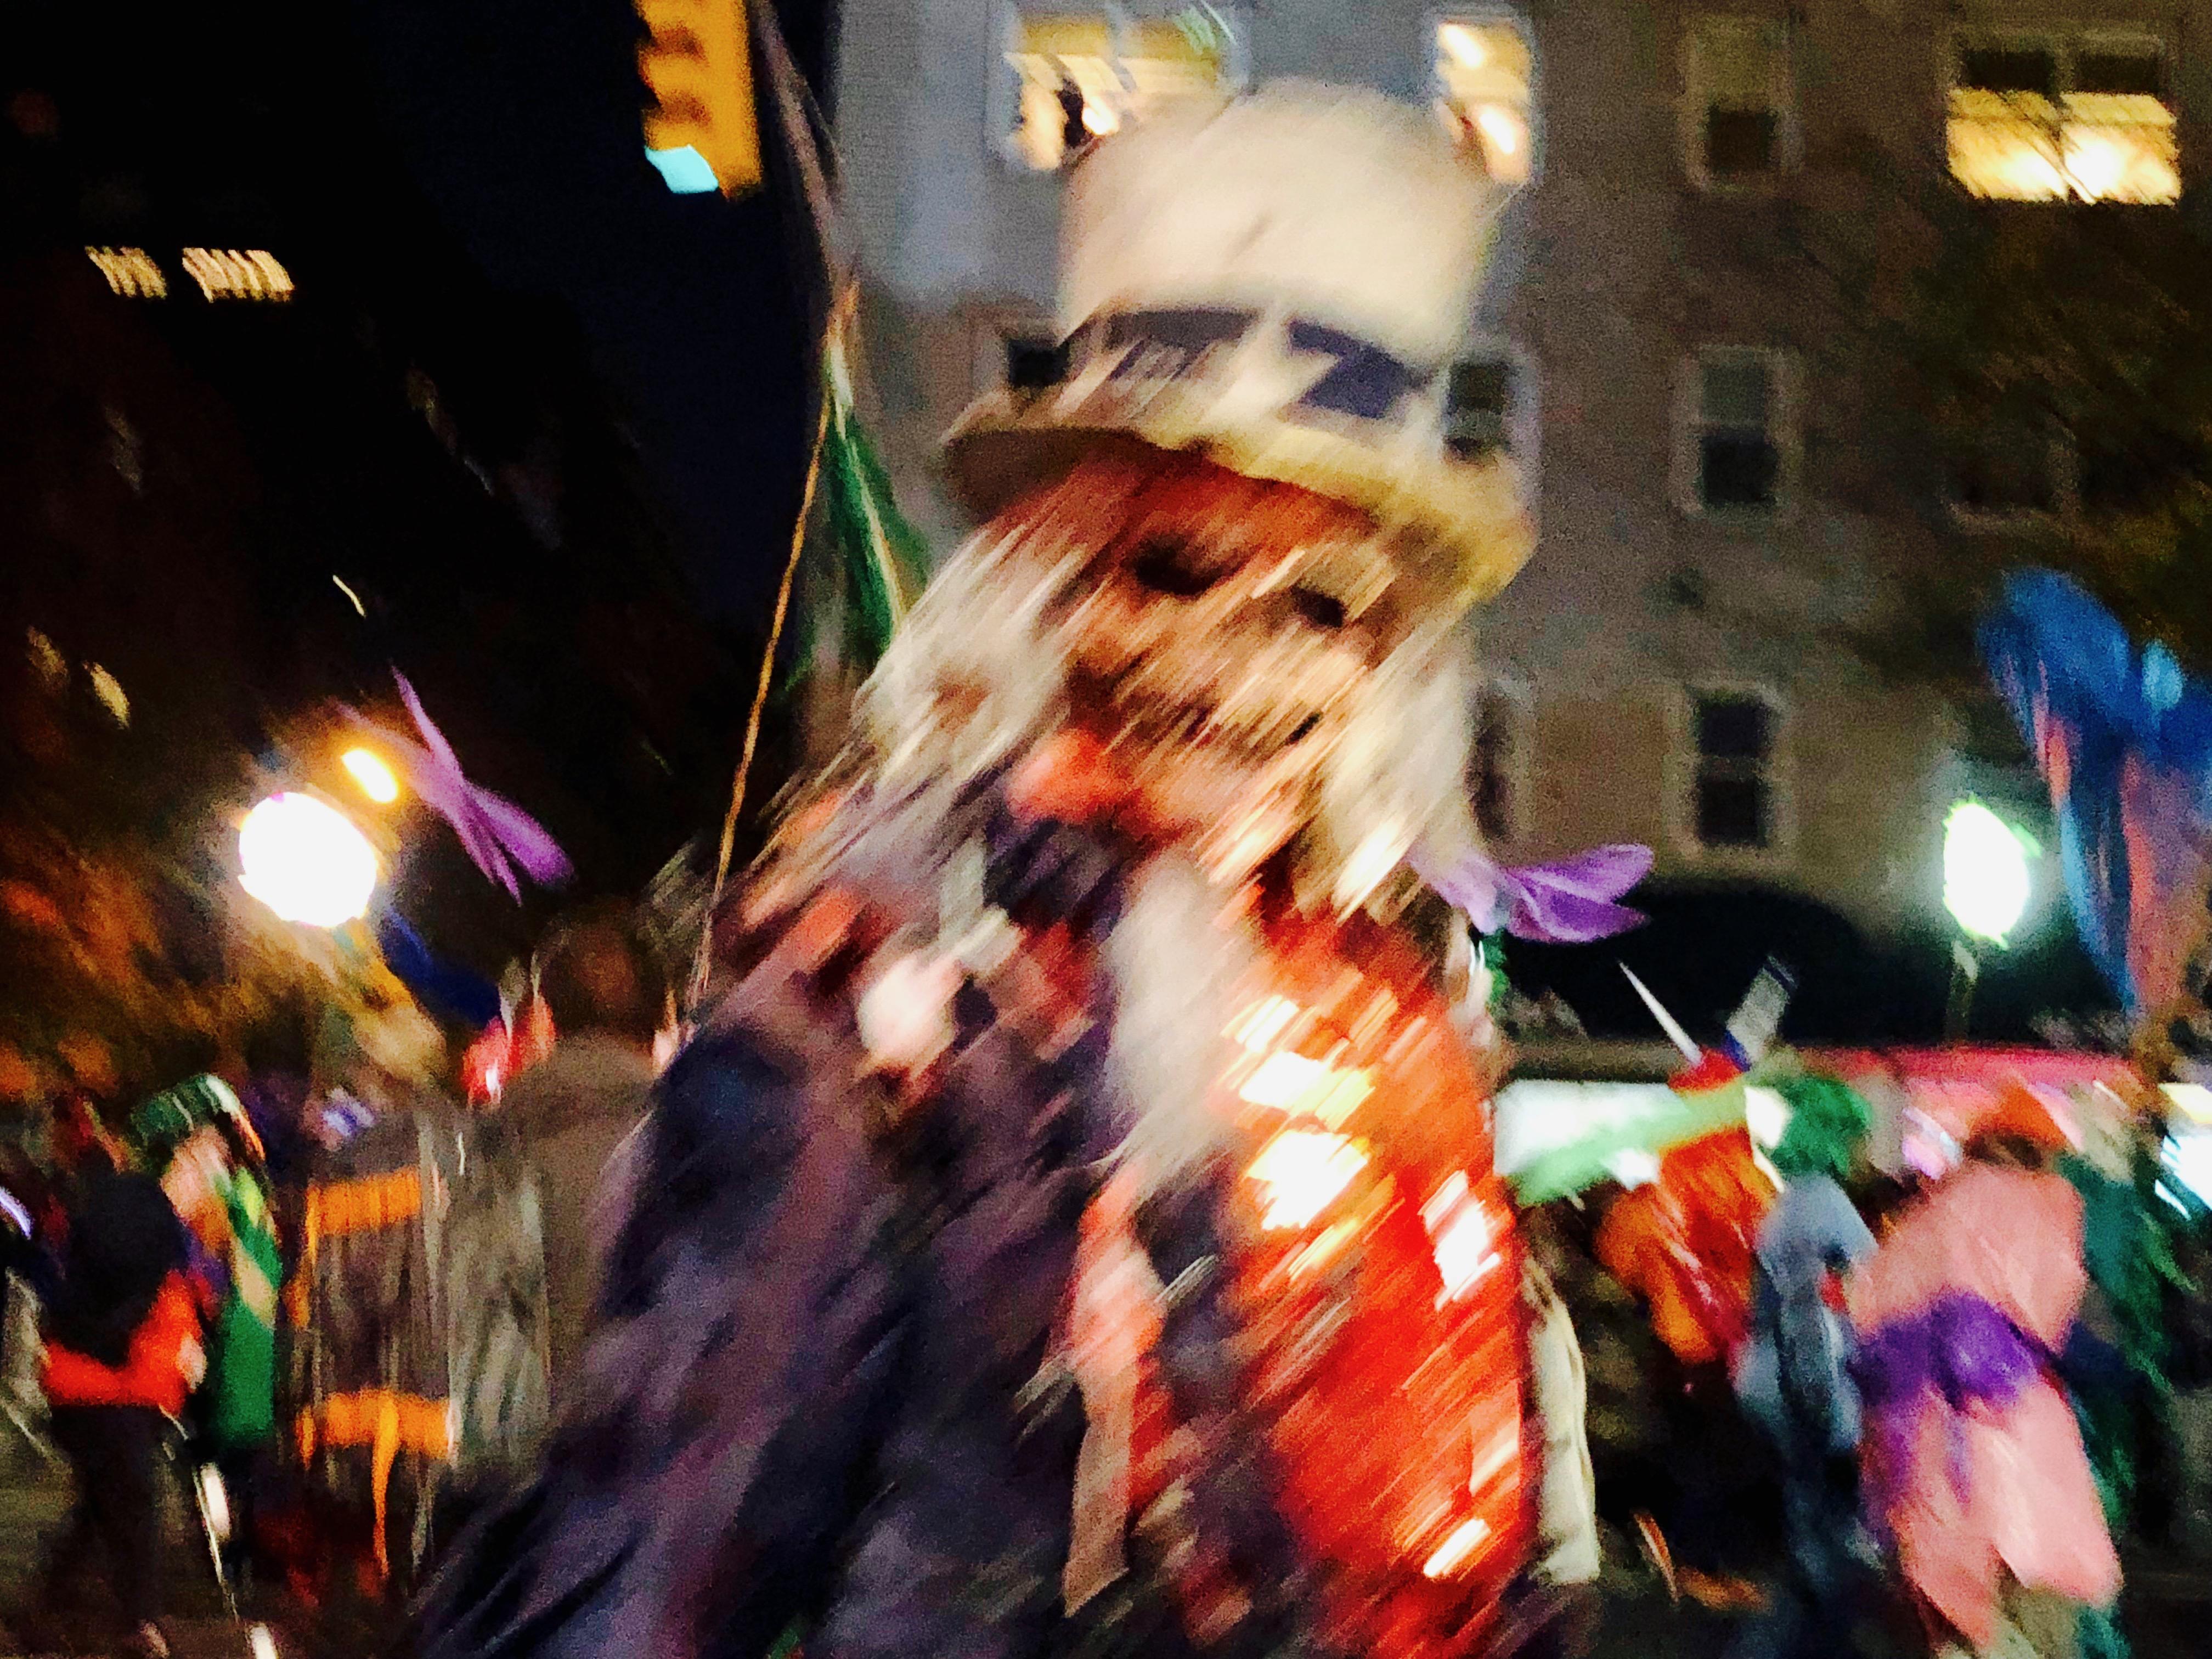 뉴욕 13일의 금요일 밤 - 크리스티 경매장과 북까...